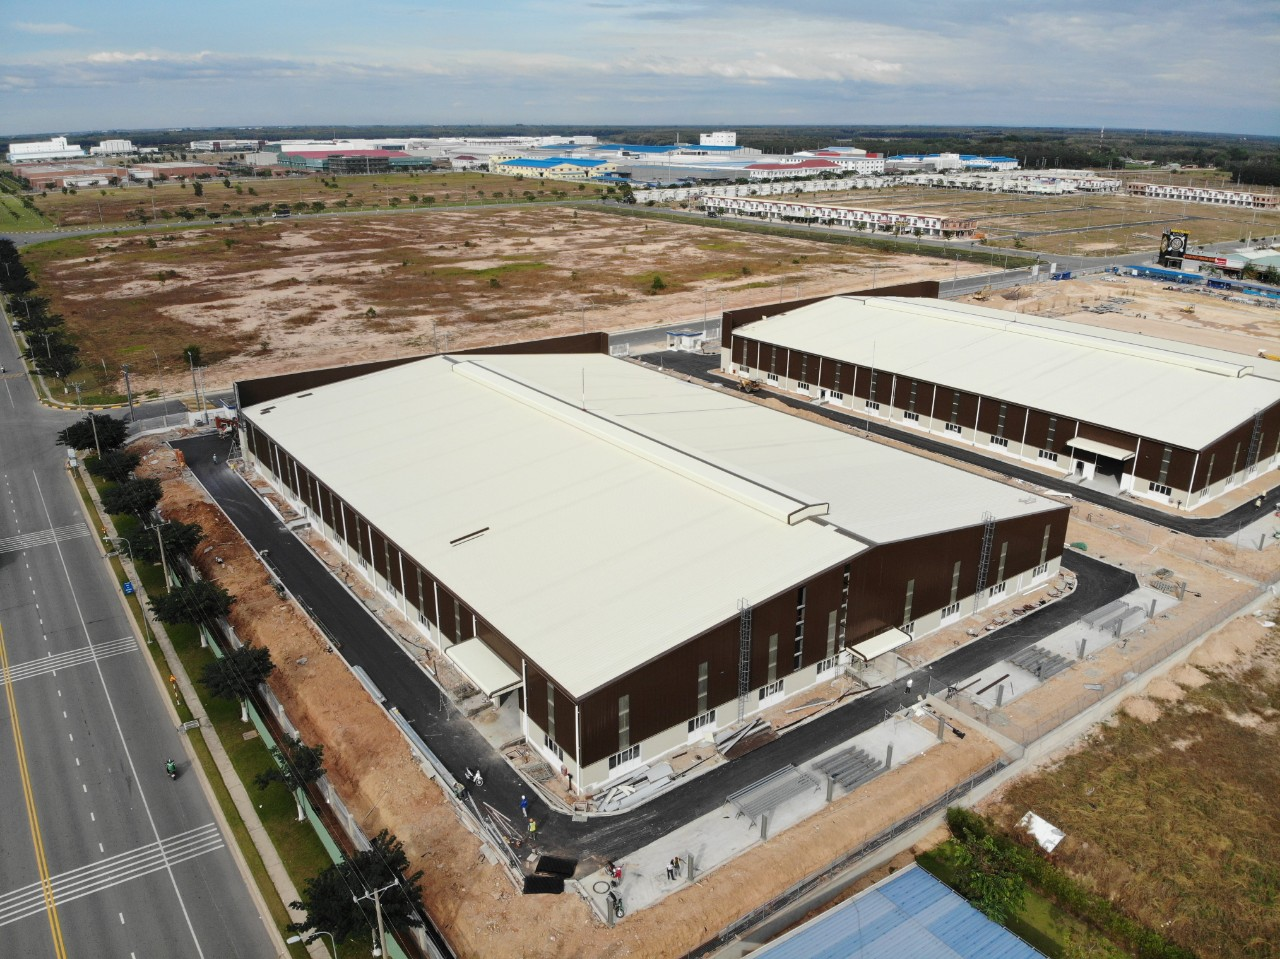 Dự án: Thiết kế và thi công nhà xưởng xây sẵn giai đoạn 1 tại lô đất XXIX, đường số 28, khu công nghiệp VSIP II-A, tỉnh Bình Dương